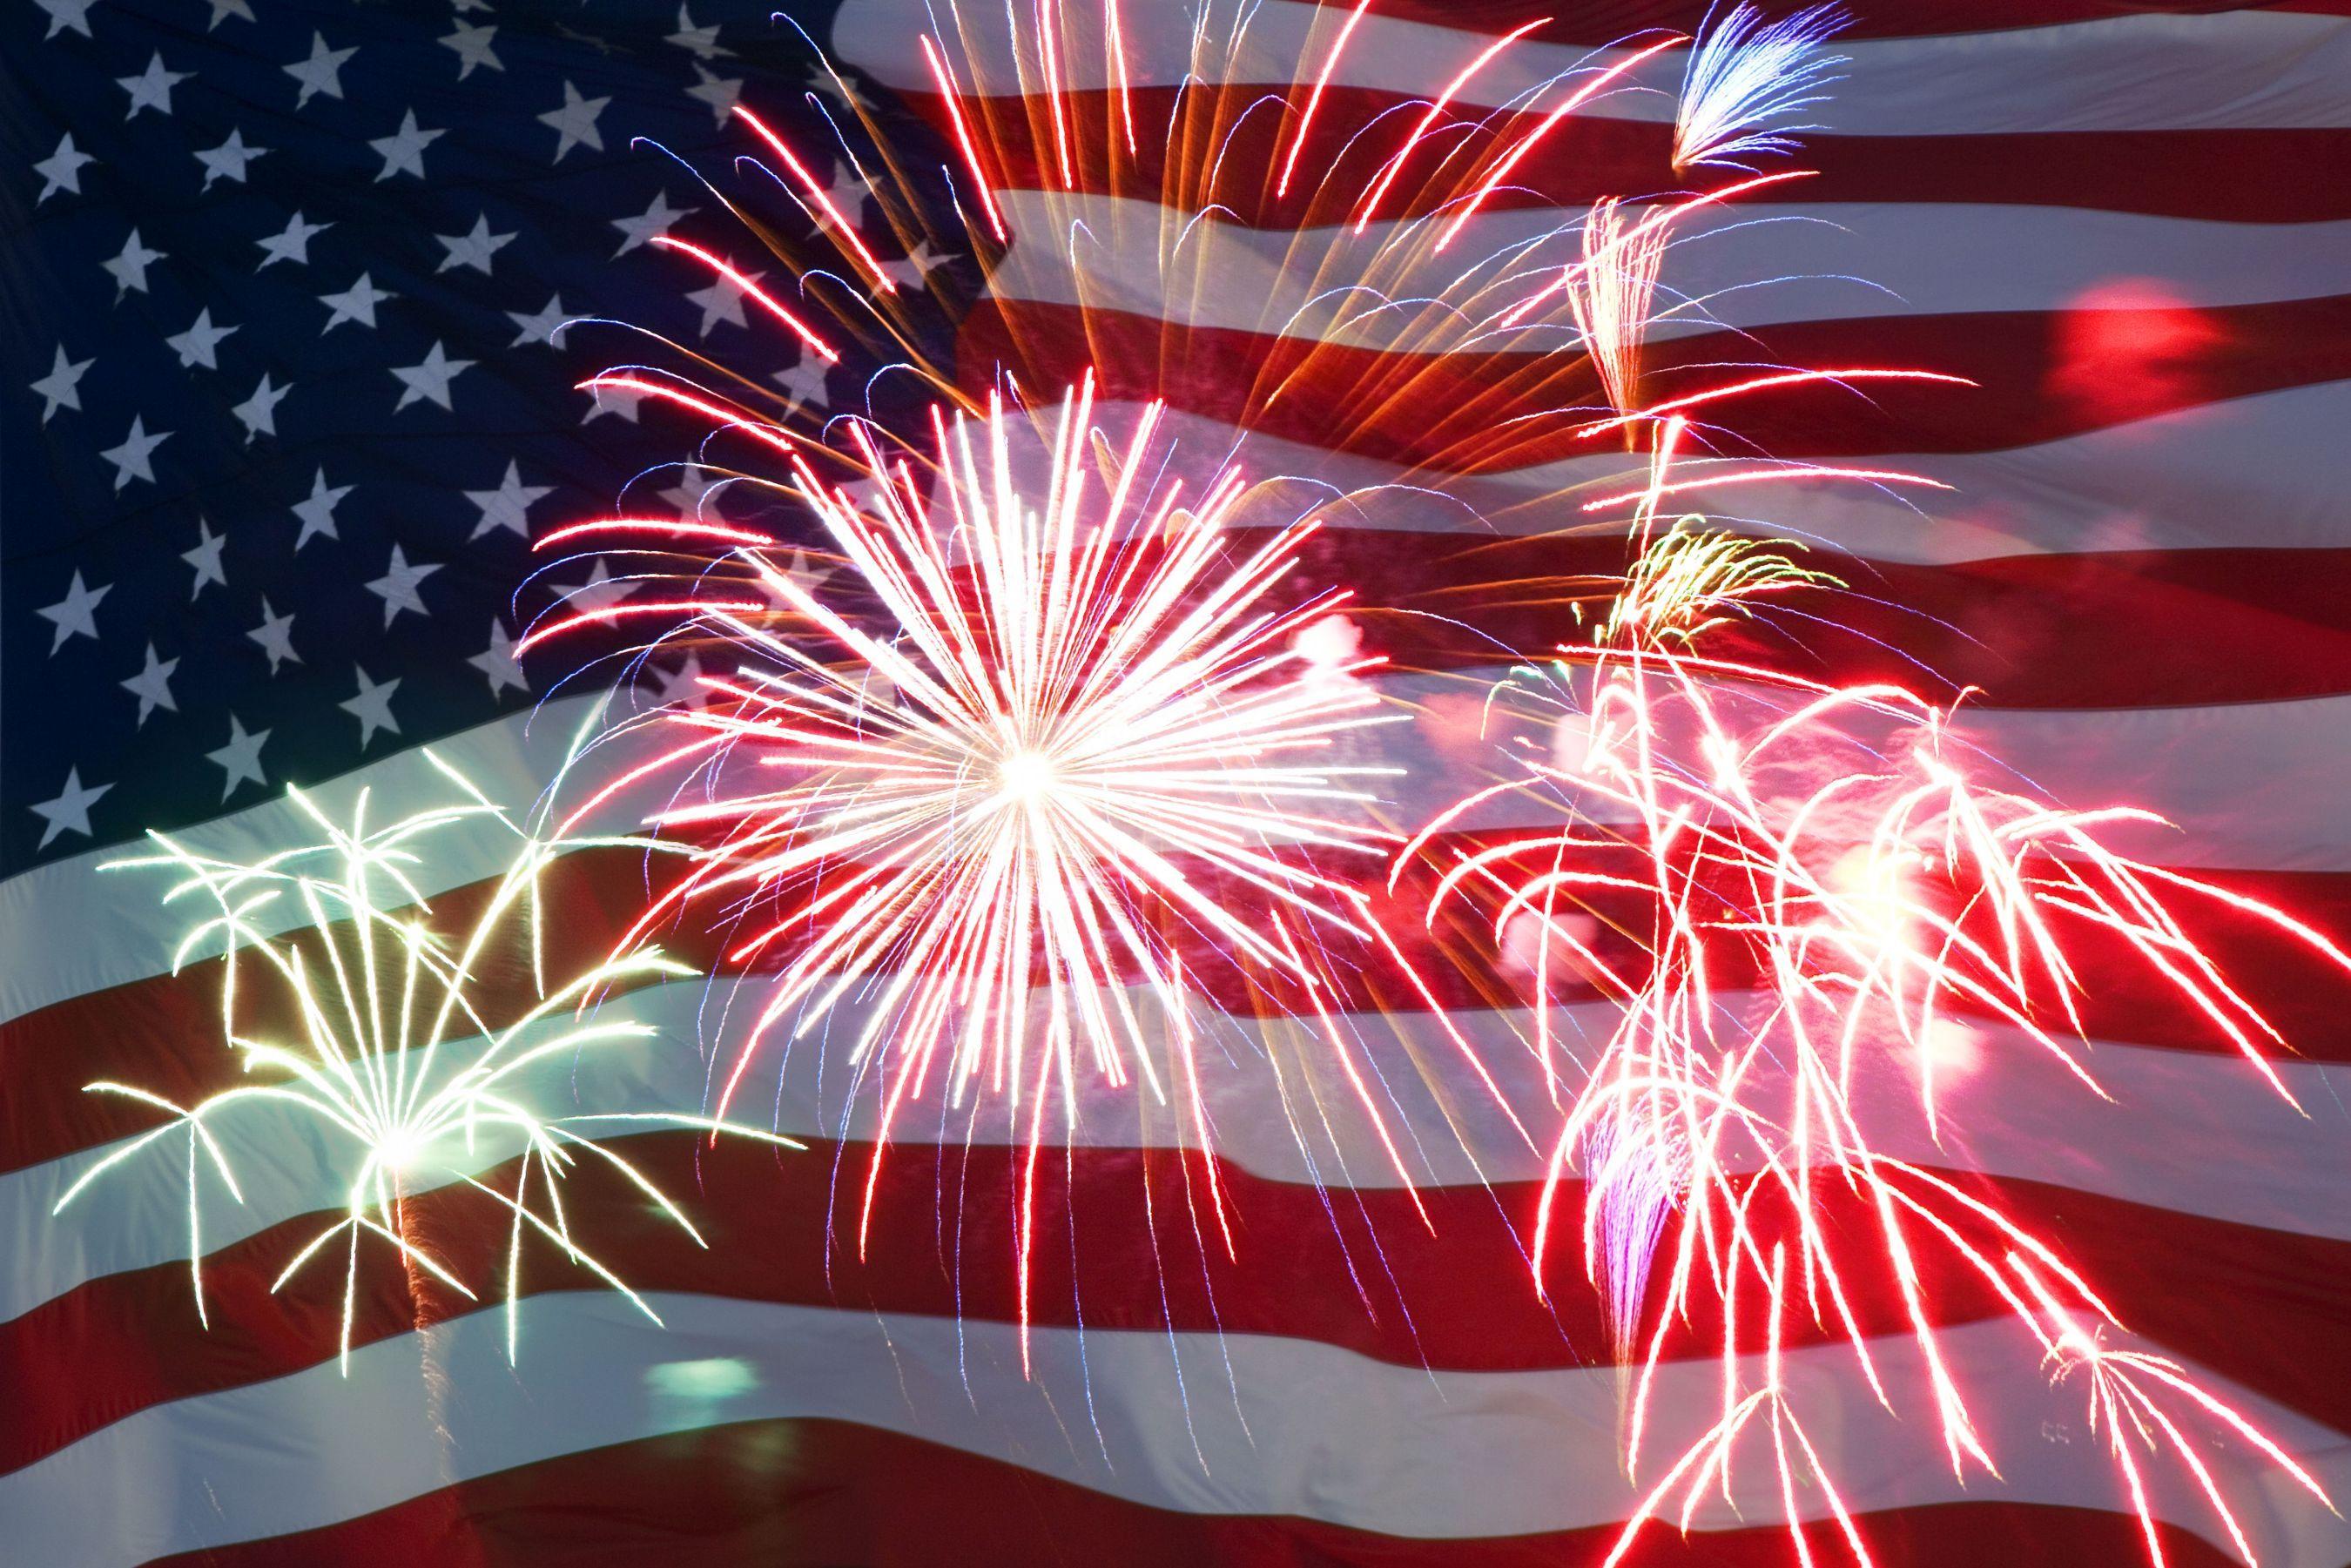 91ca6307087d49171944_flag-fireworks.jpg